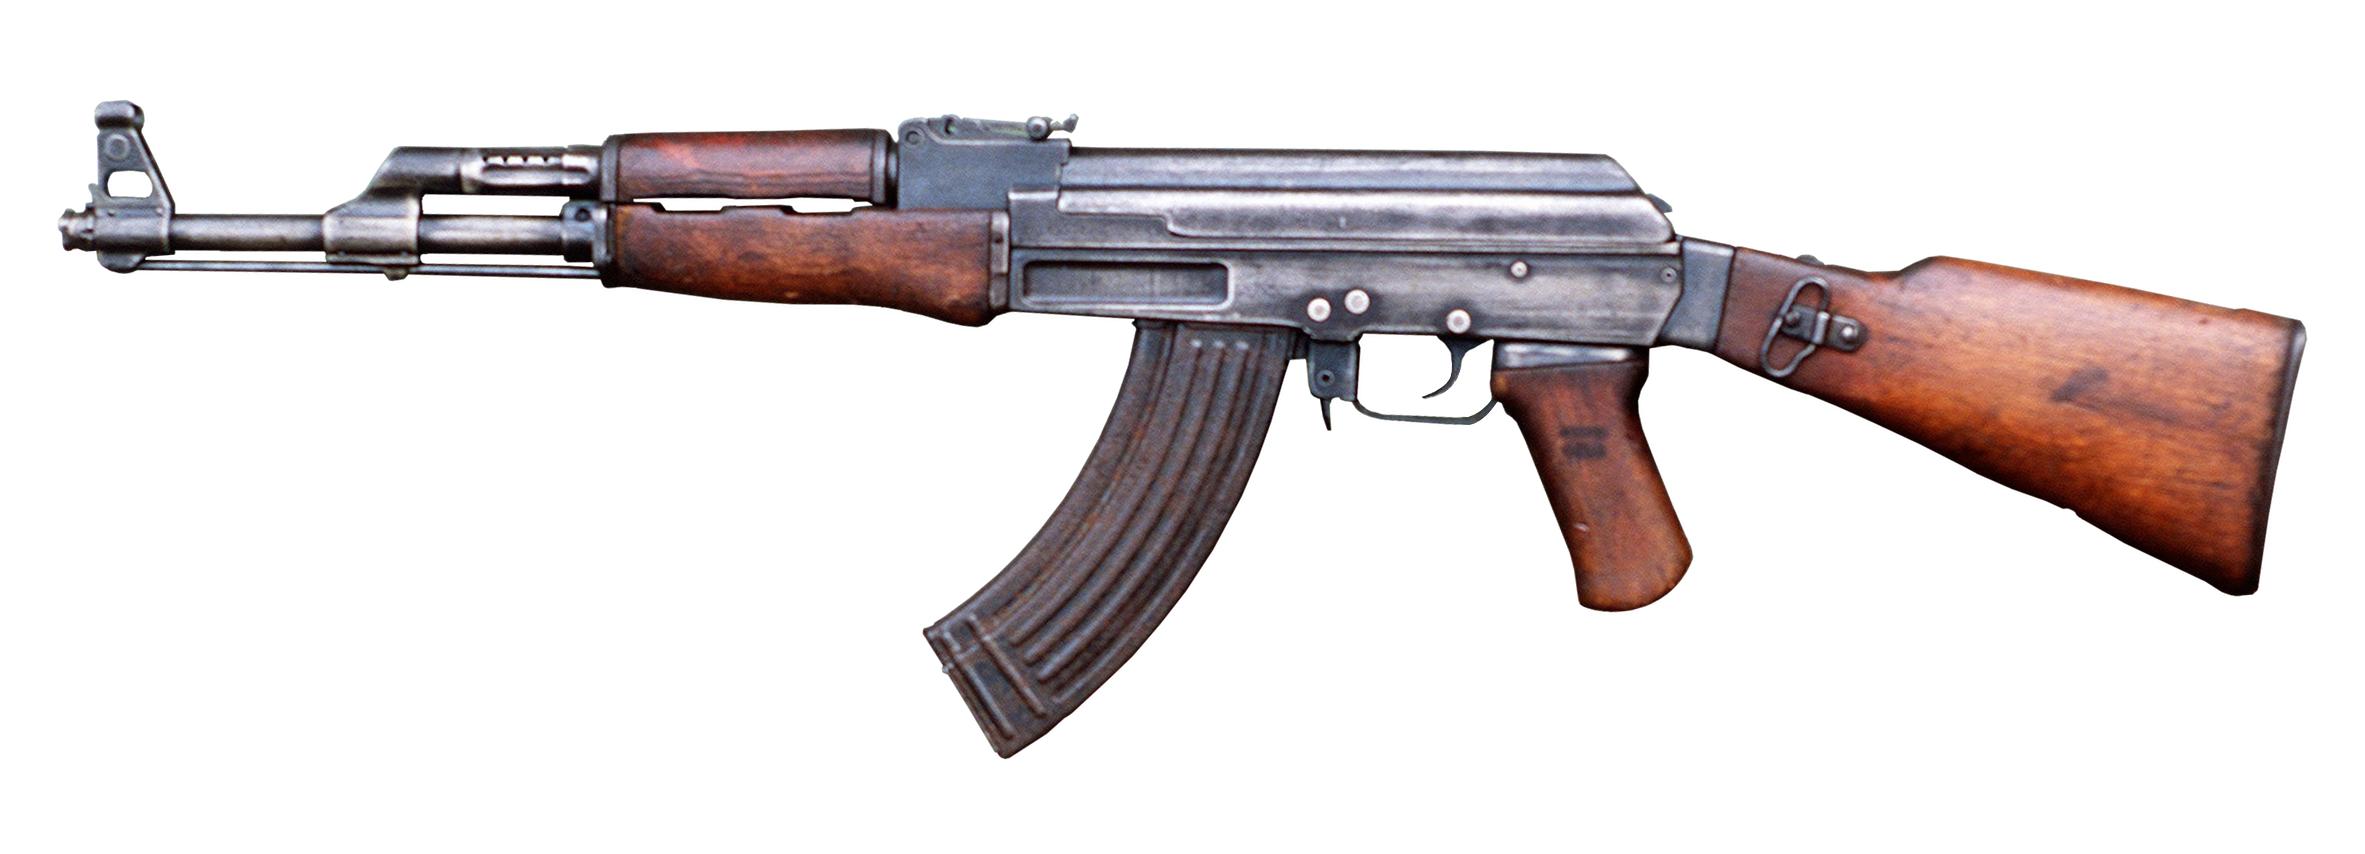 File:AK.